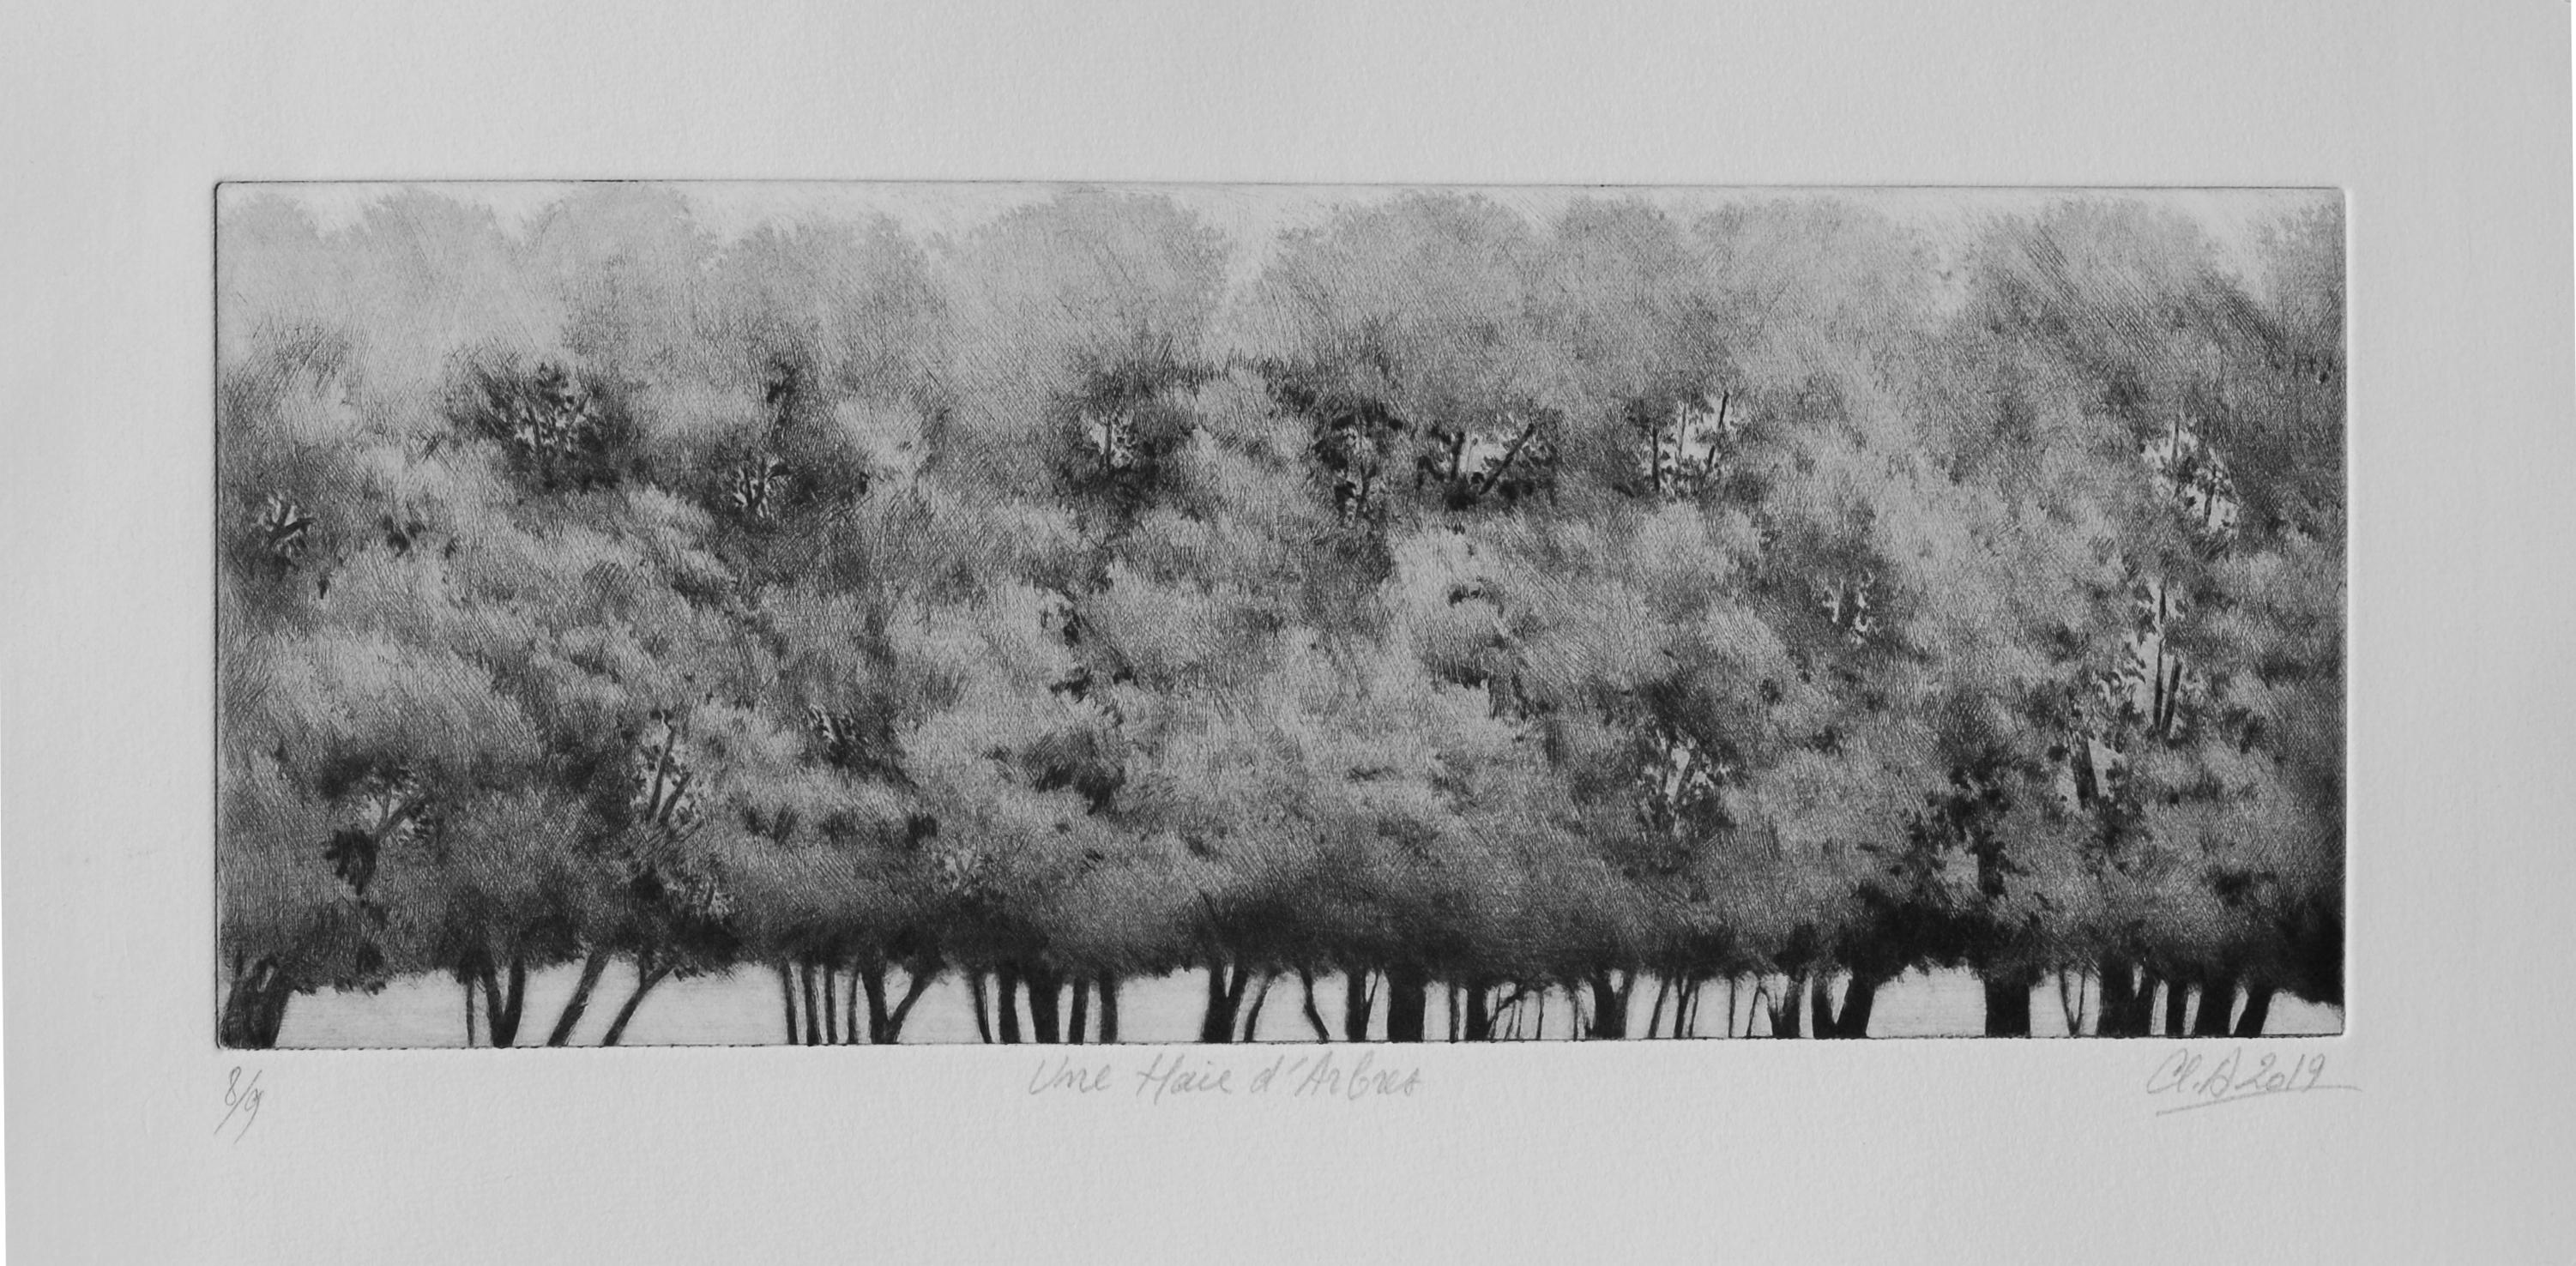 Une haie d'arbres